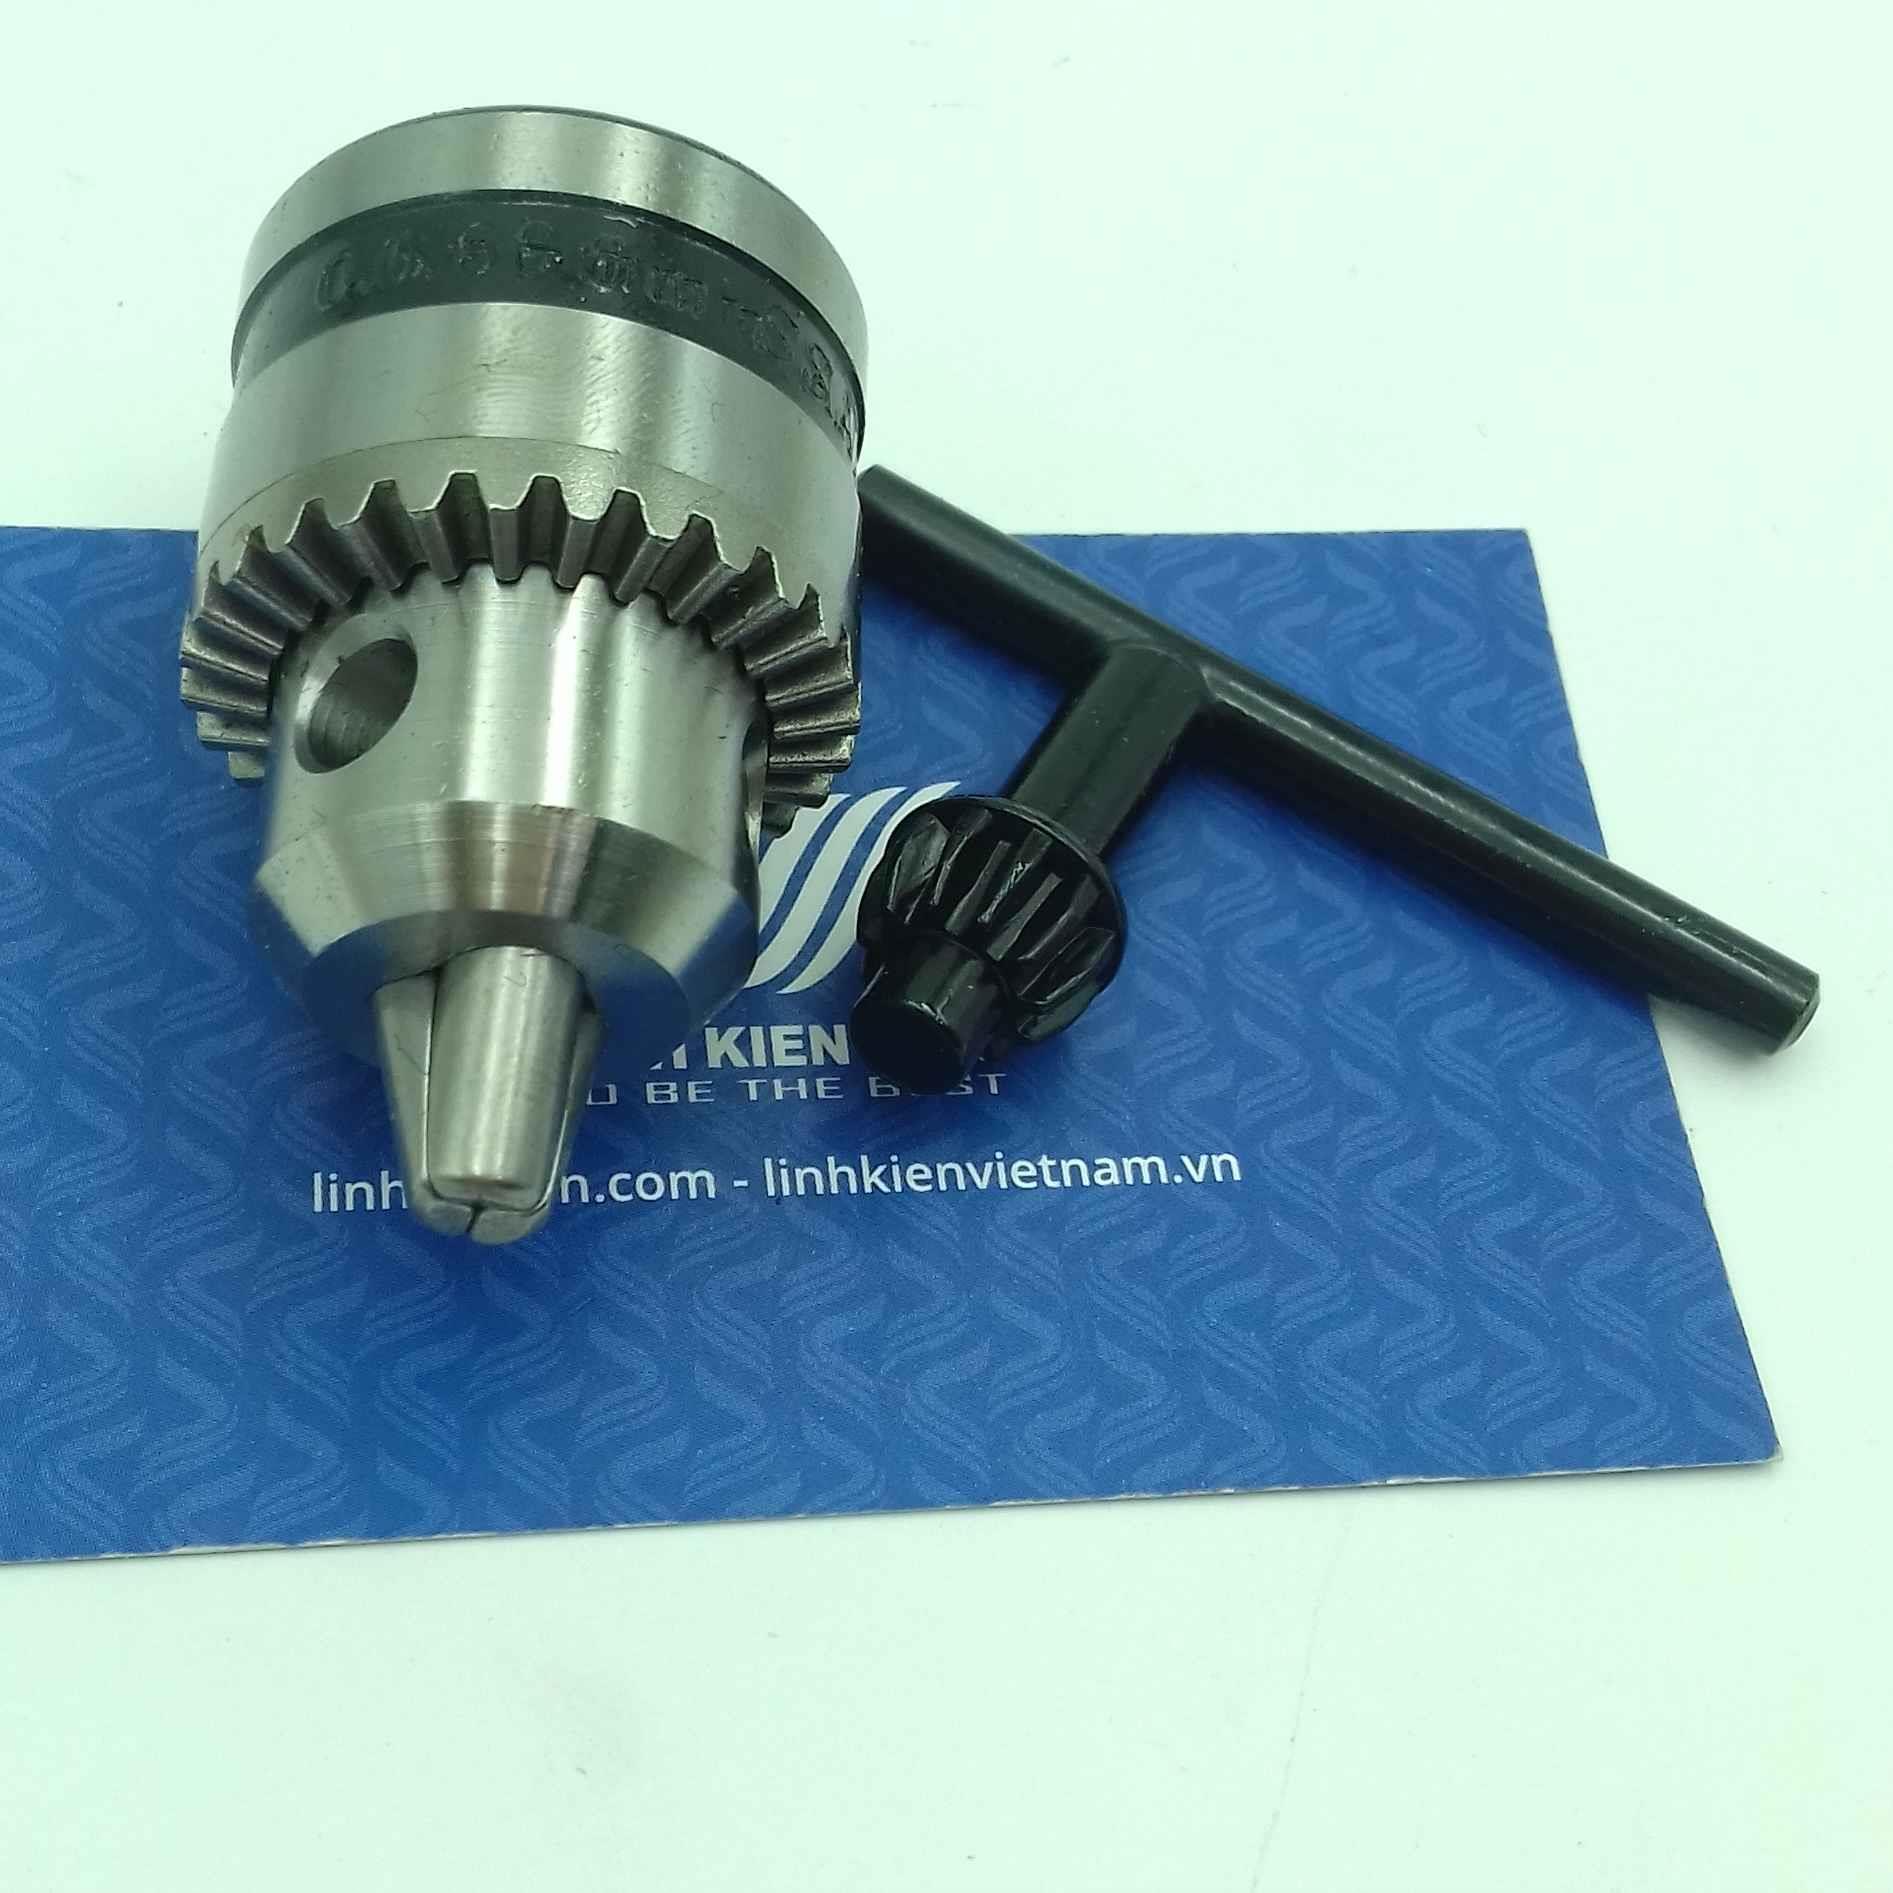 đầu kẹp mũi khoan 1.5-10mm / đầu giữ mũi khoan cho động cơ 775 / Đầu khoan mạch 1.5-10mm - K5H1 (KA3H3)